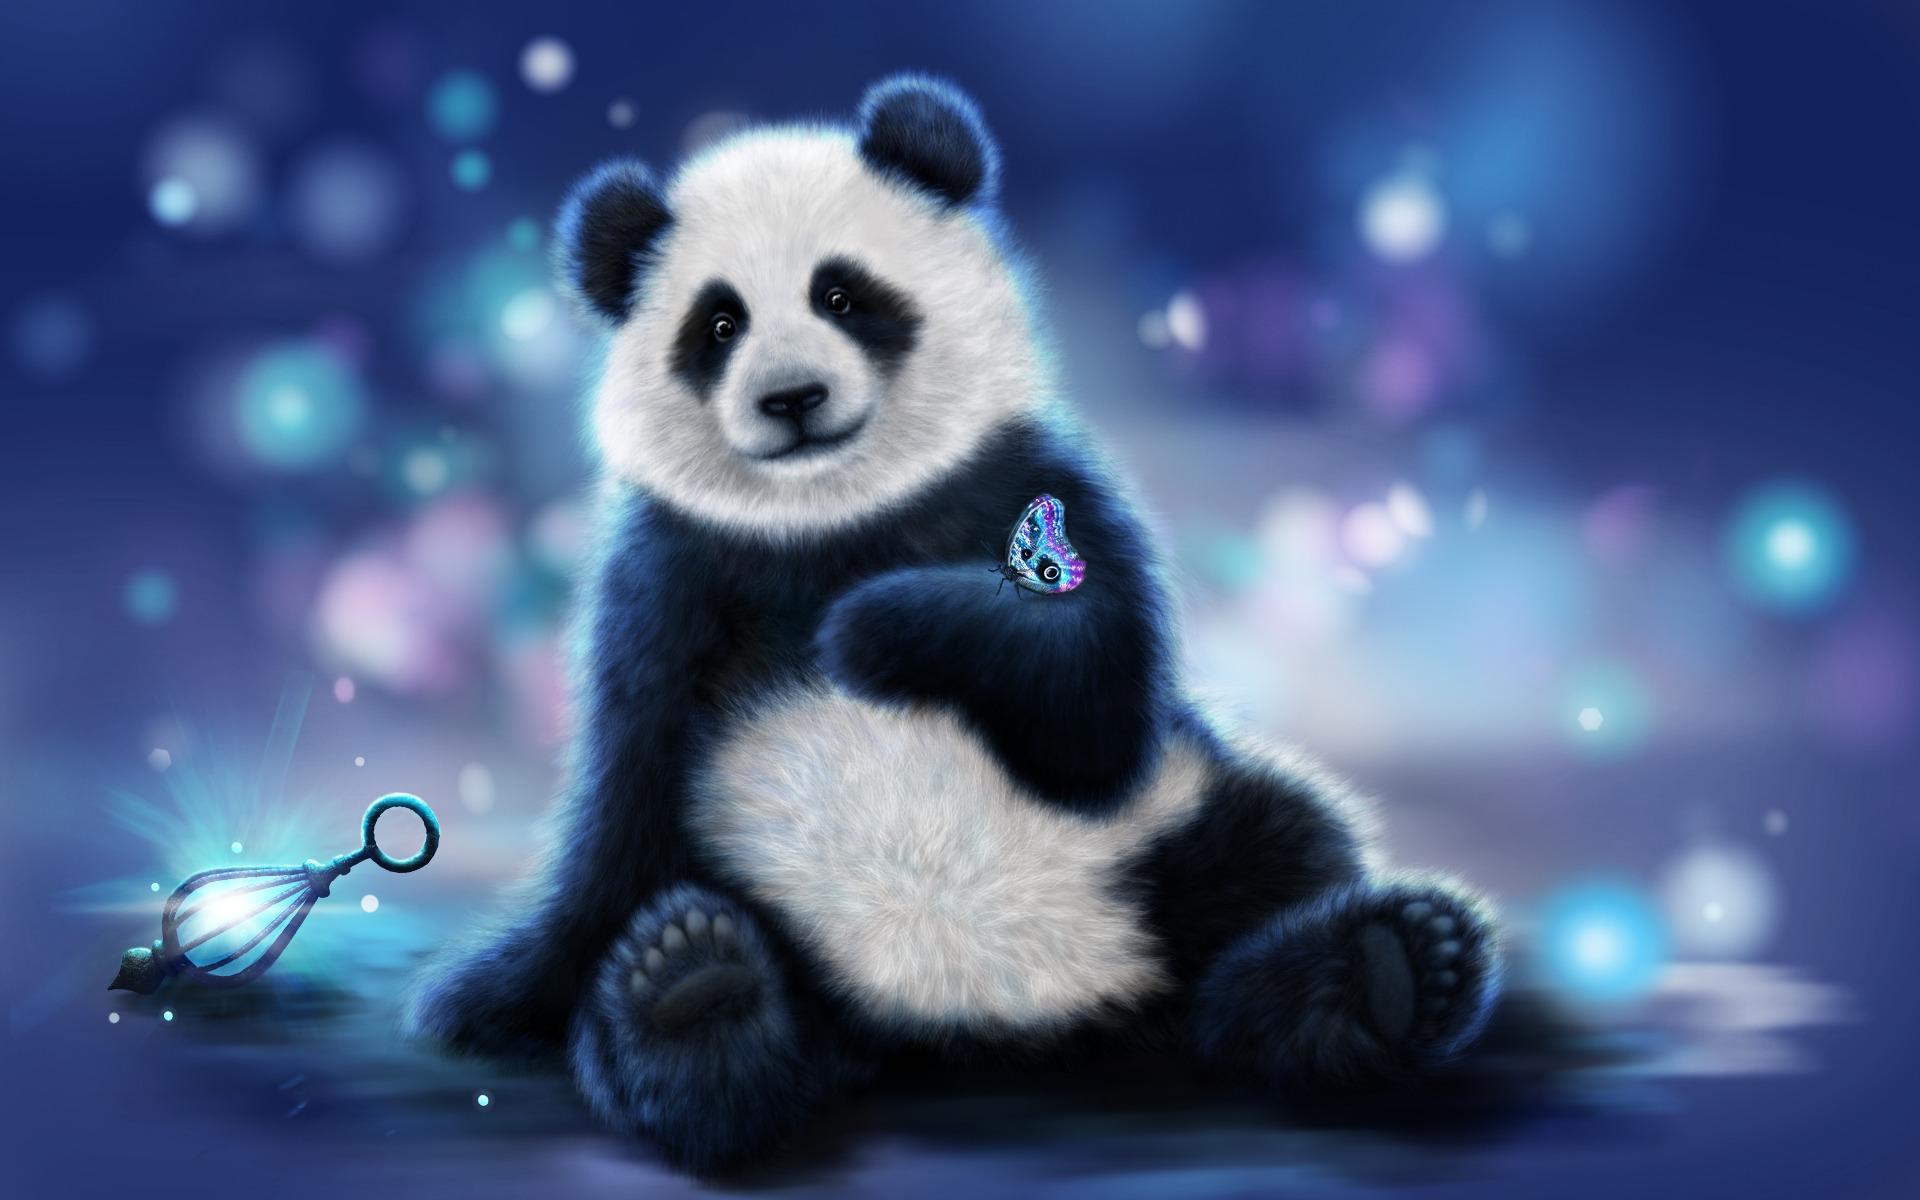 Cute Cartoon Panda Bear Wallpaper